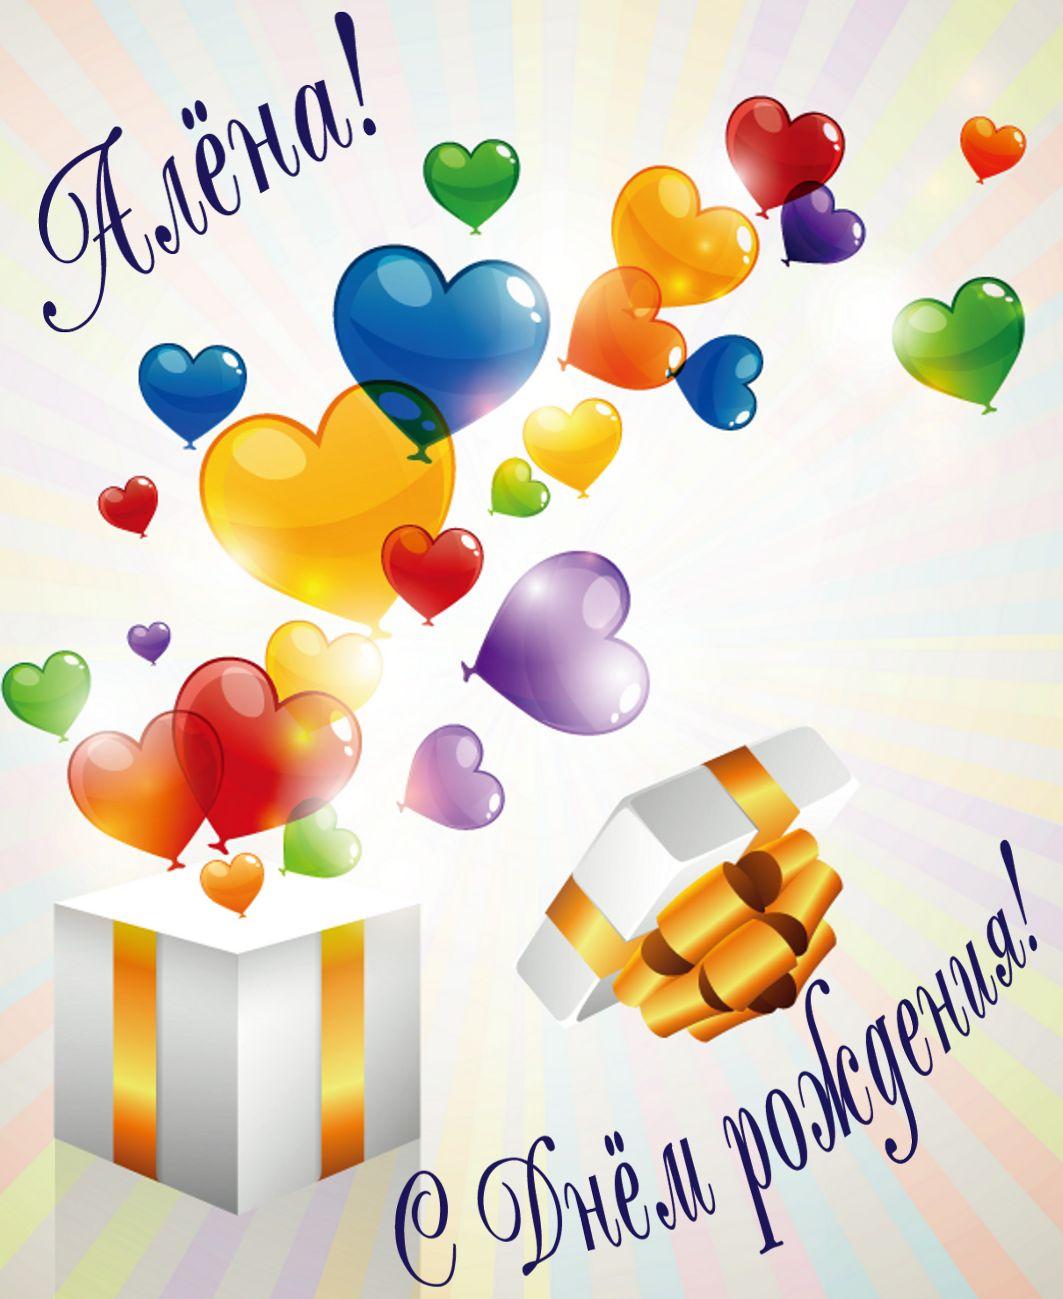 Открытка с Днём рождения - подарки и разноцветные сердечки